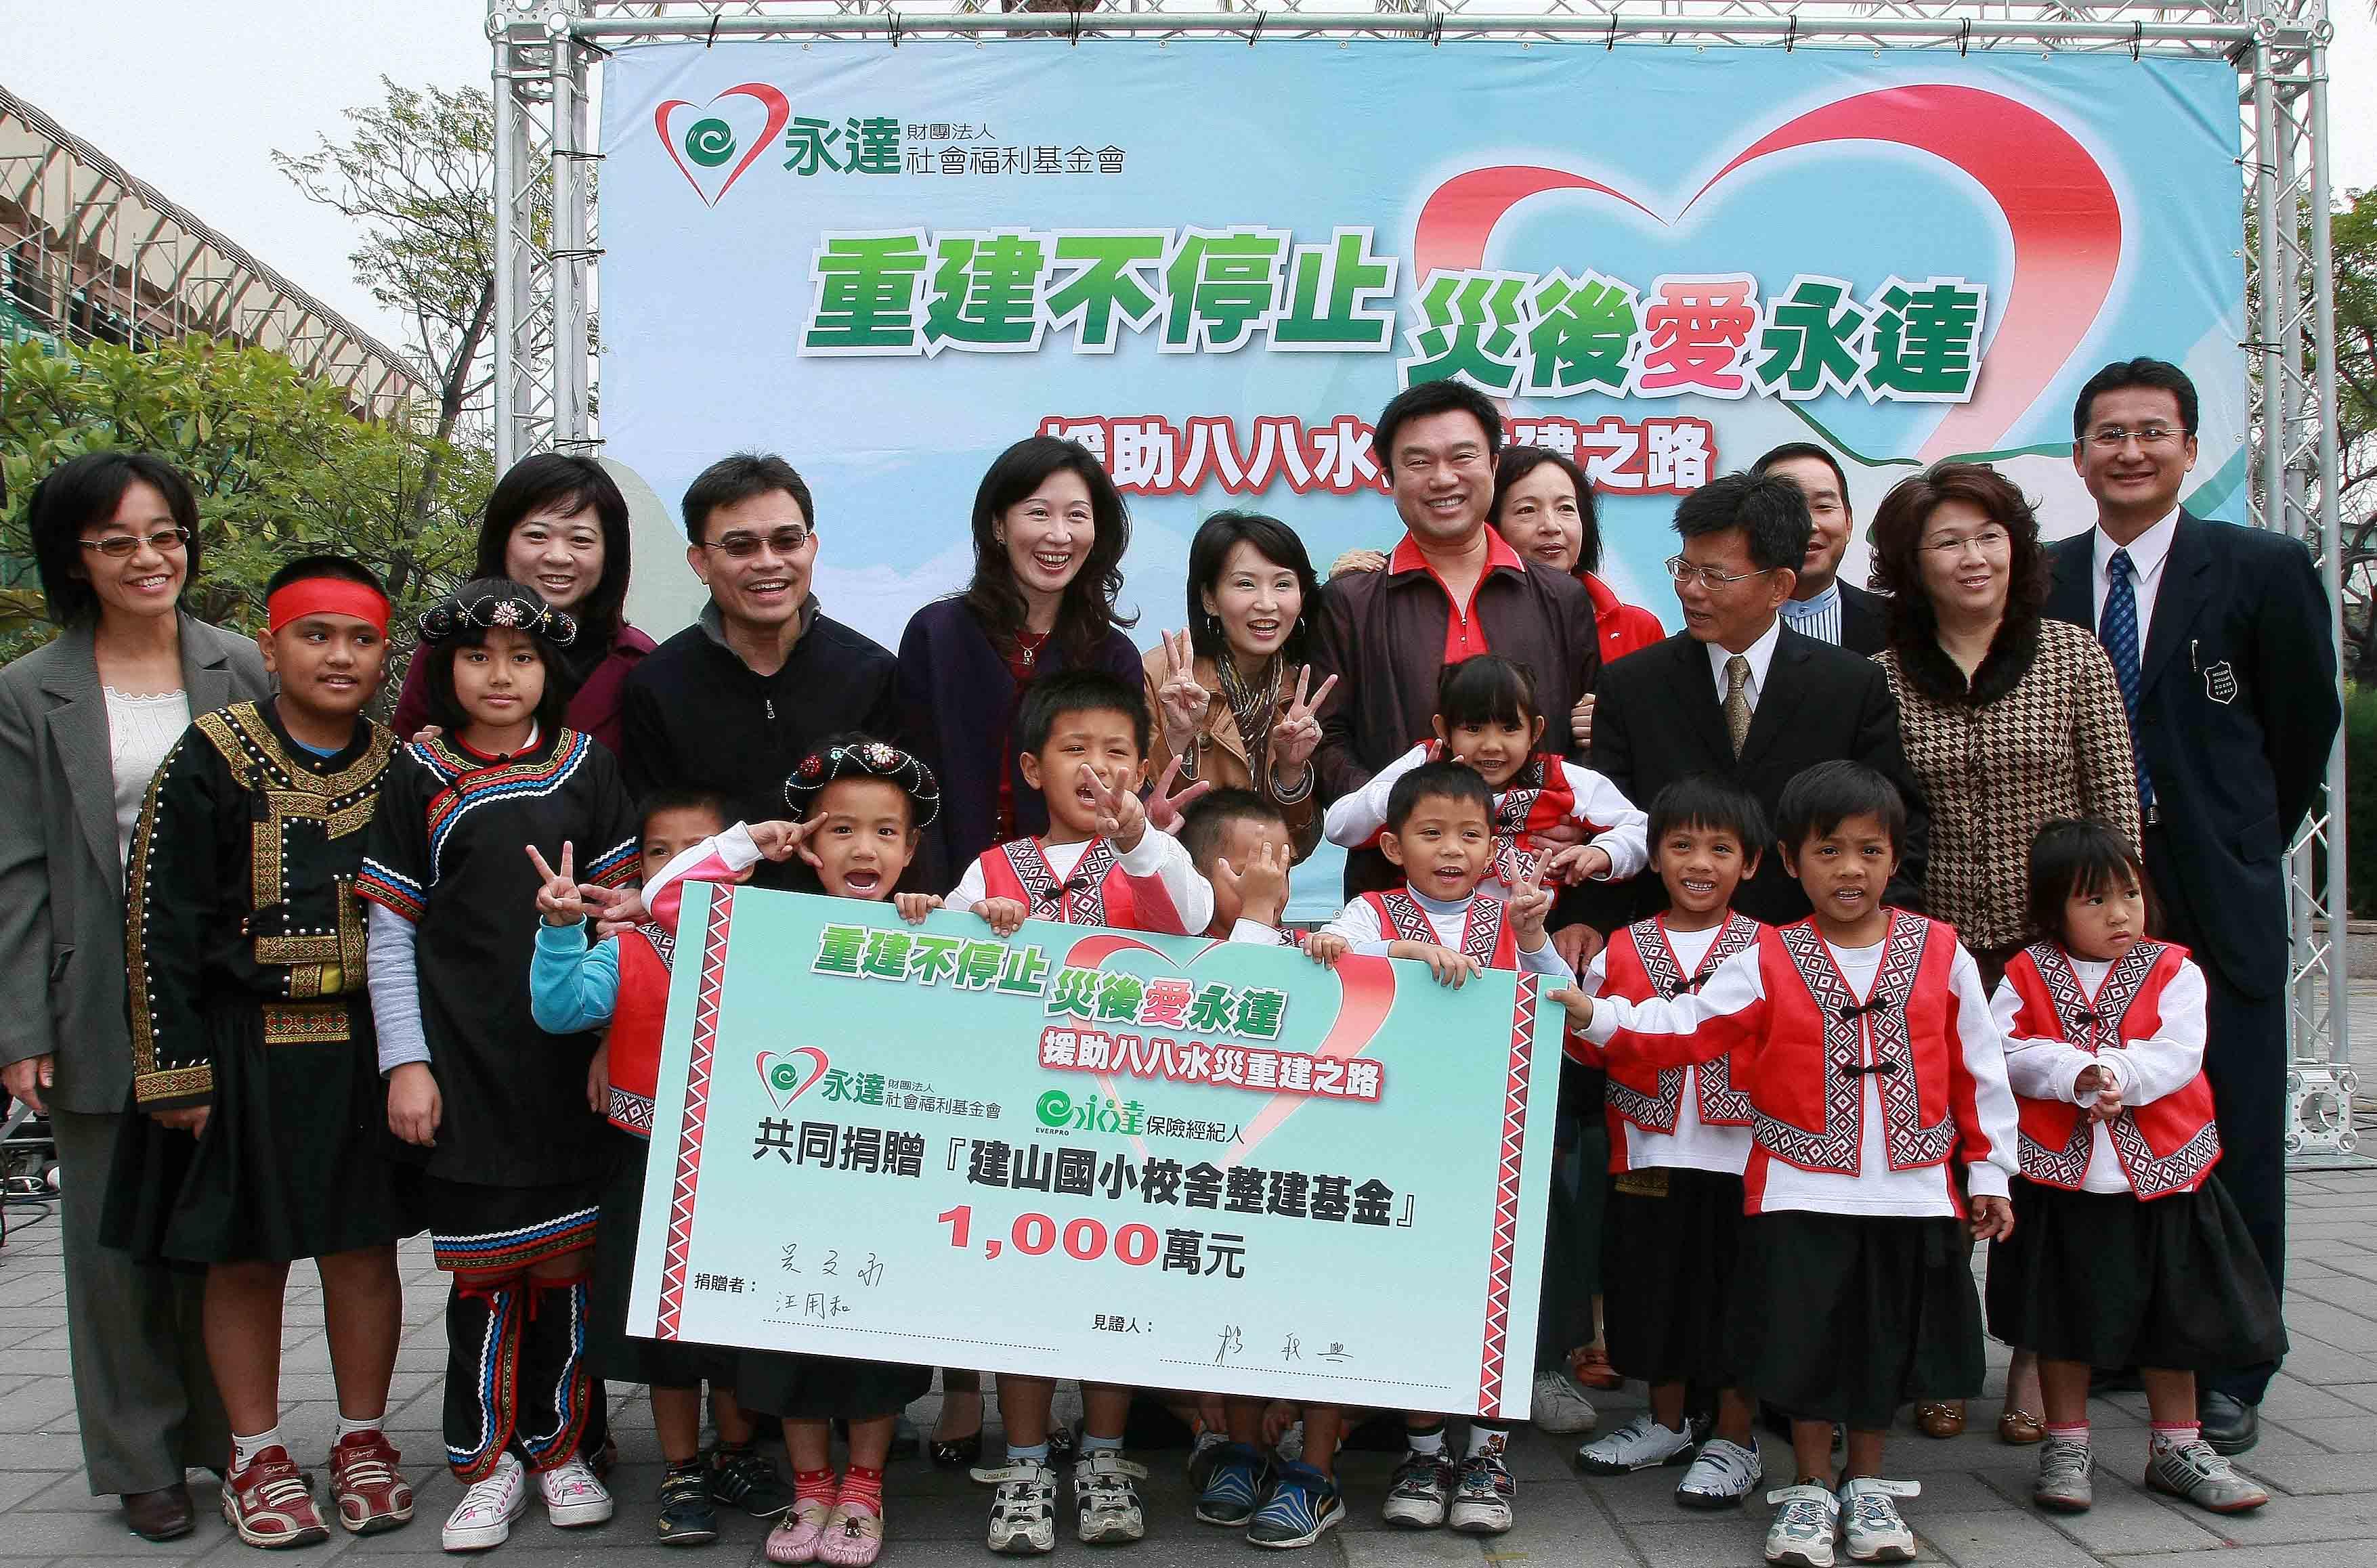 永達捐贈一千萬作為屏東建山國小整建校舍經費。